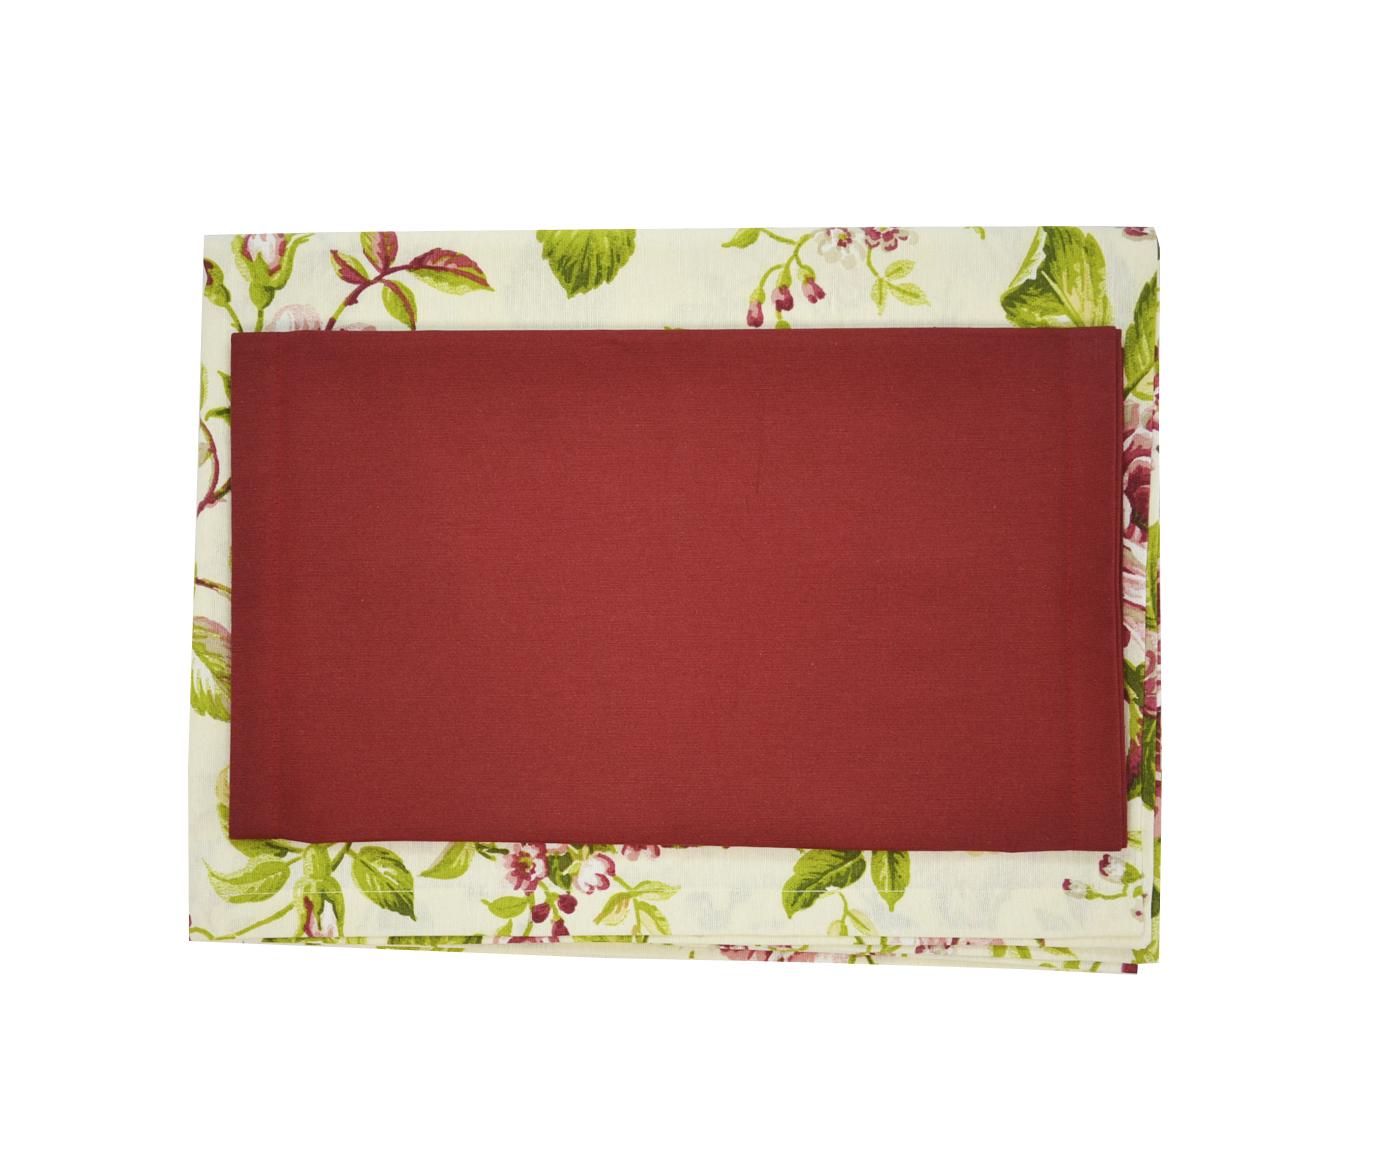 Комплект Red rose скатерть и дорожкаСкатерти<br>Скатерть на стол + дорожка создадут хорошее настроение и украсят ваш день. Яркий дизайн. Ткань прочная ,износоустойчивая.&amp;lt;div&amp;gt;&amp;lt;br&amp;gt;&amp;lt;/div&amp;gt;&amp;lt;div&amp;gt;Размер дорожки:&amp;amp;nbsp;40х180 см&amp;lt;/div&amp;gt;<br><br>Material: Хлопок<br>Length см: 180<br>Width см: 130